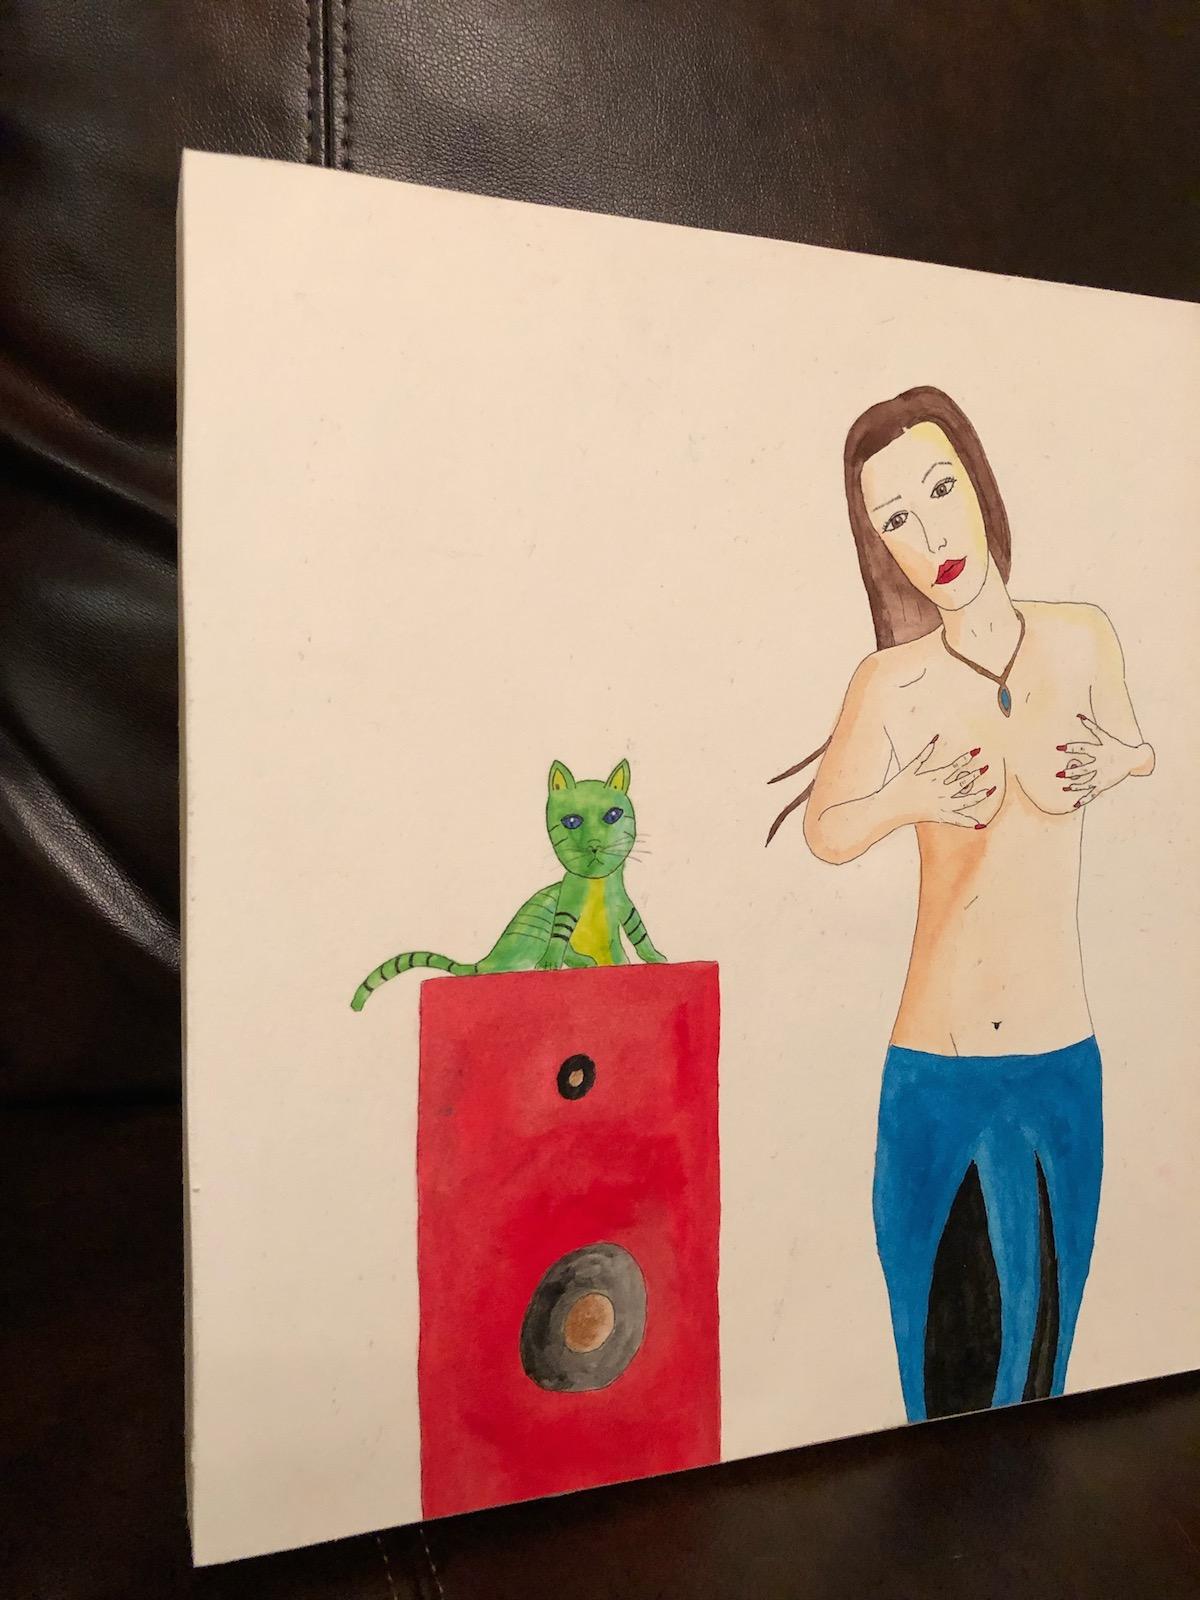 Speaker Girl and Green Kitten left angle